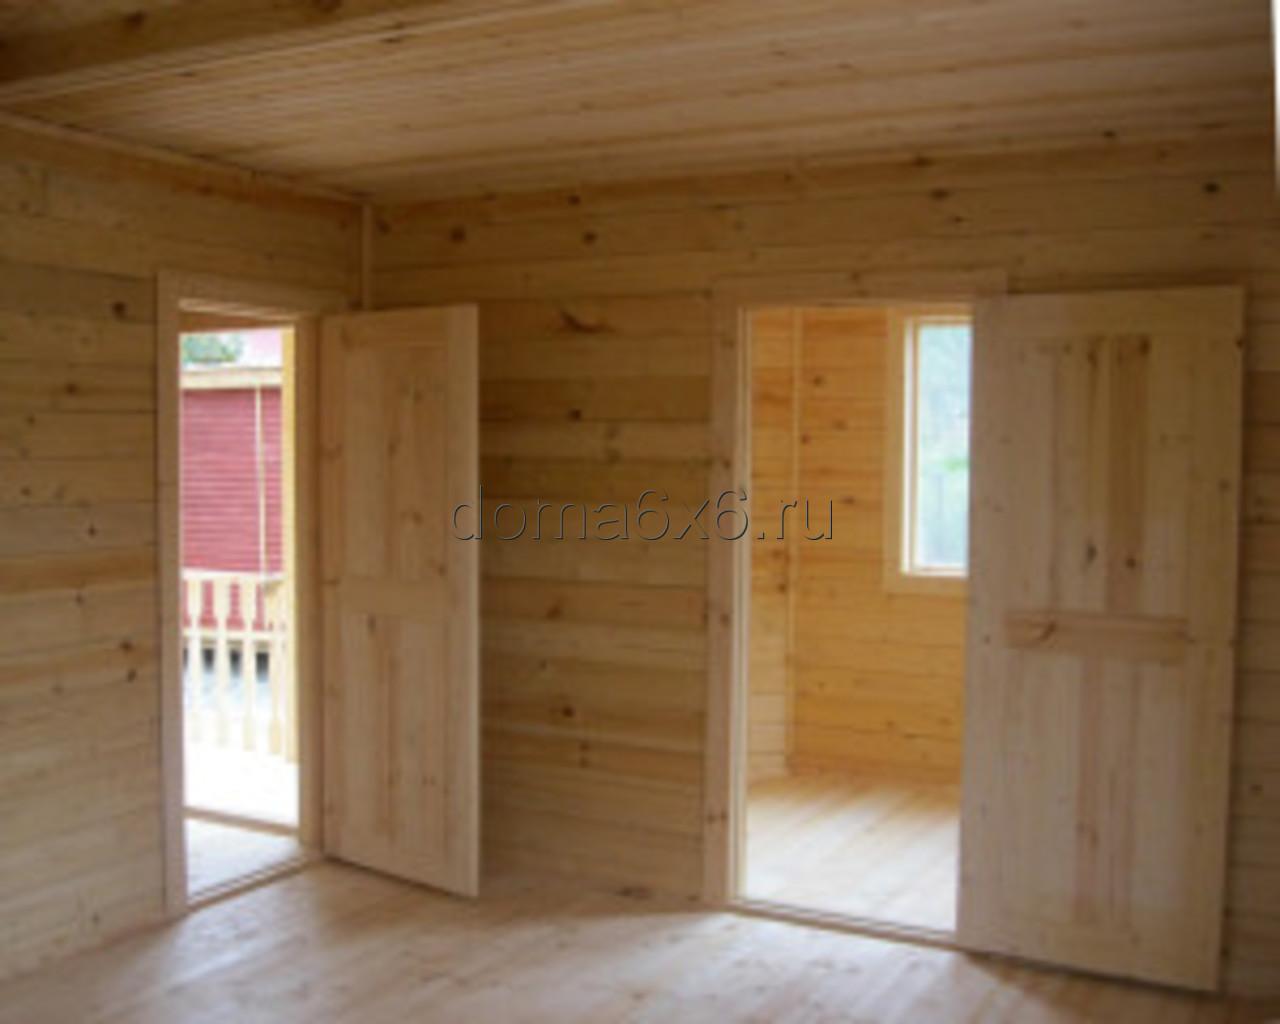 Строительство дома из бруса в Мурманске